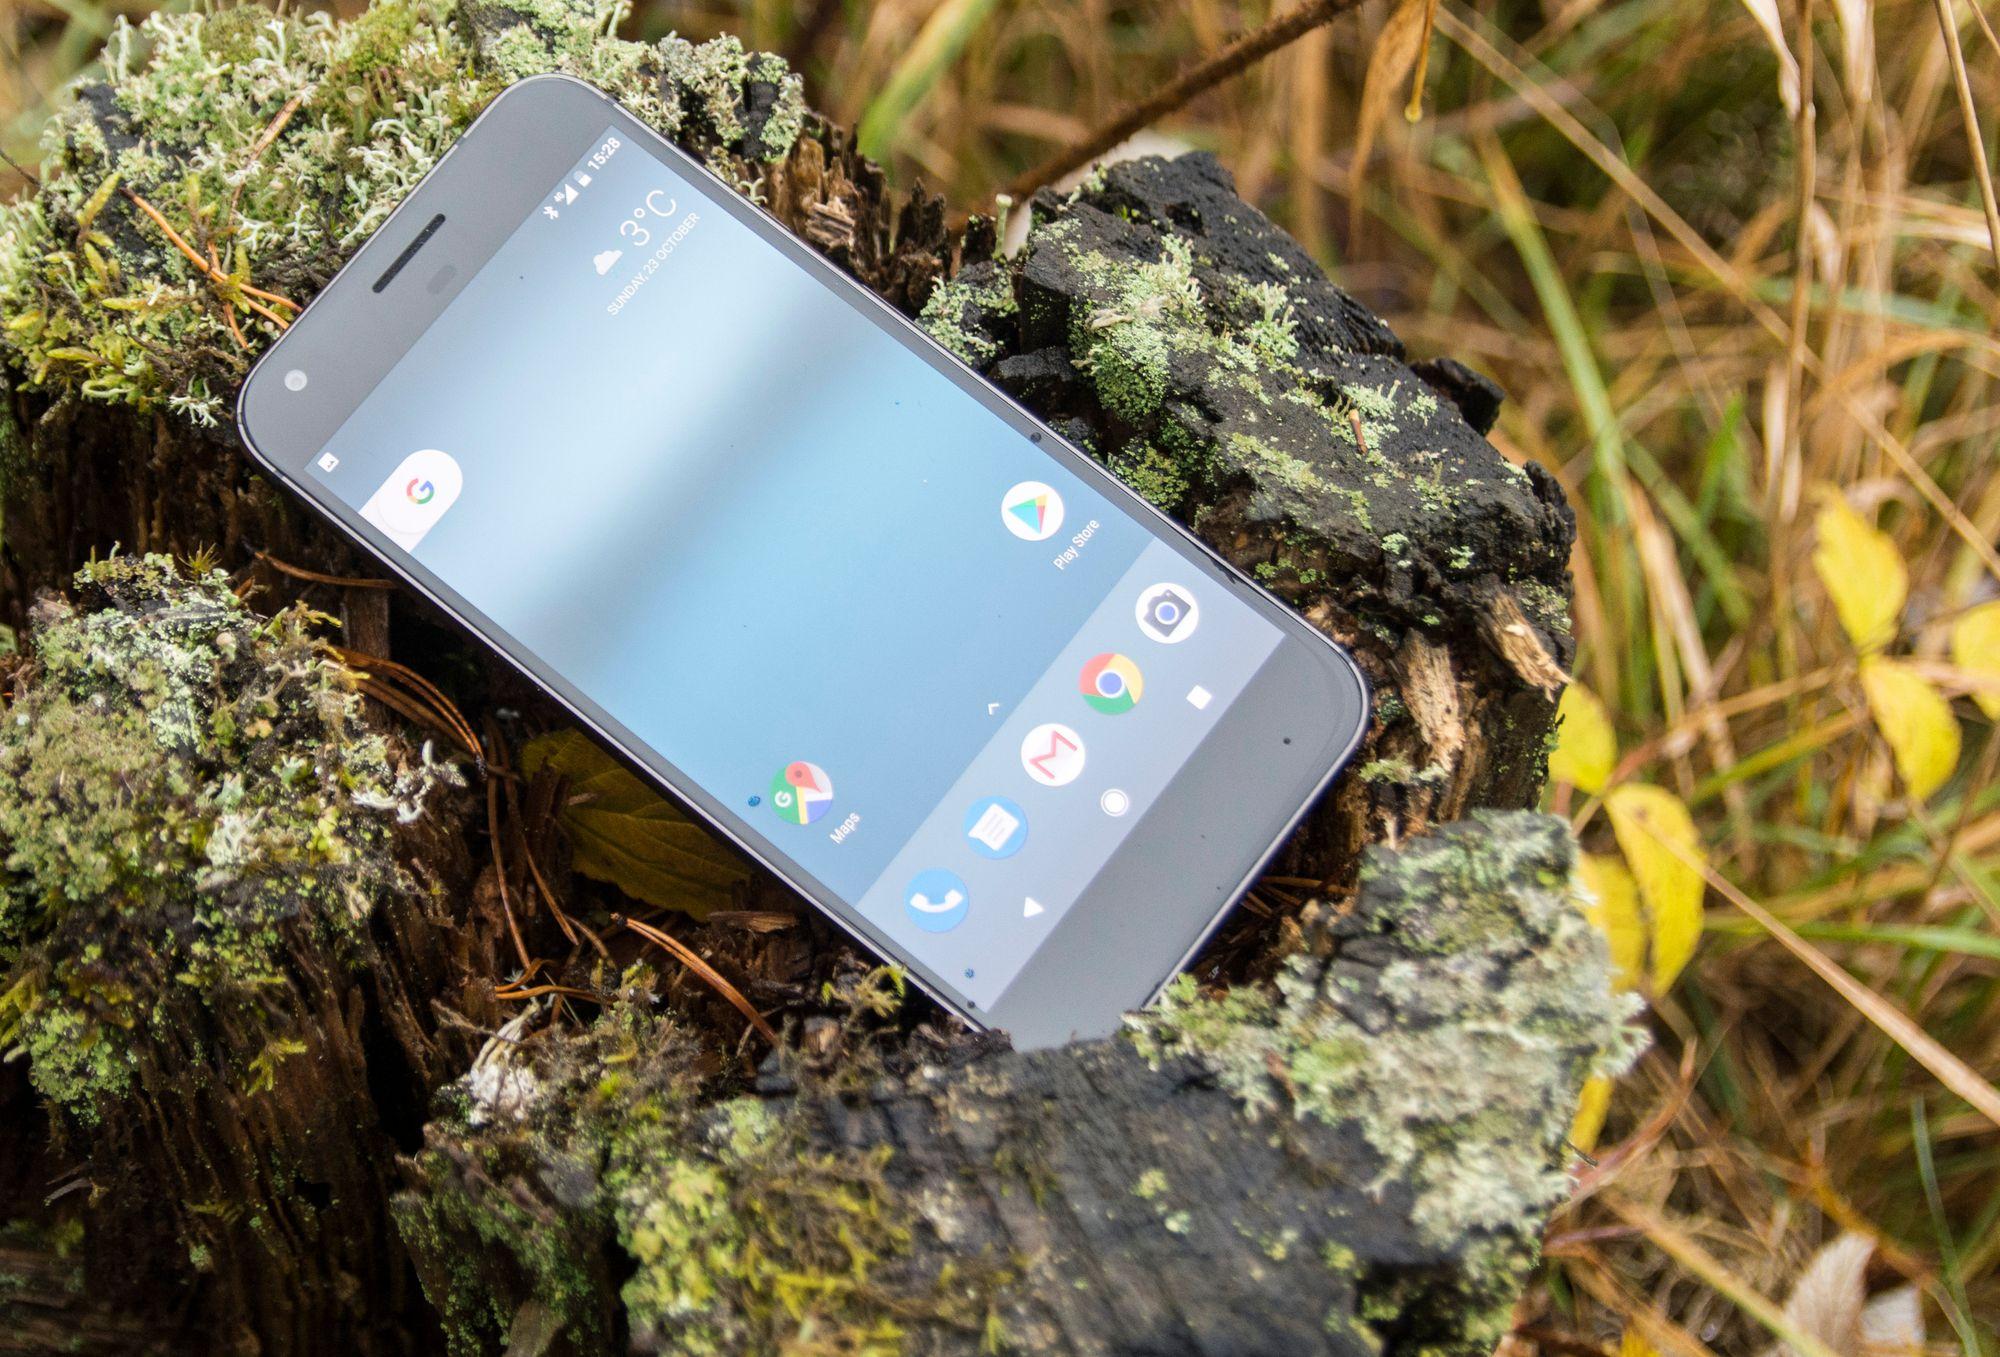 Tilgjengeligheten på Googles nye Pixel-mobiler er begrenset, samtidig som at mobilene har fått svært god omtale. Det kan føre til at mange benytter uoffisielle kanaler for å tak i enheten.